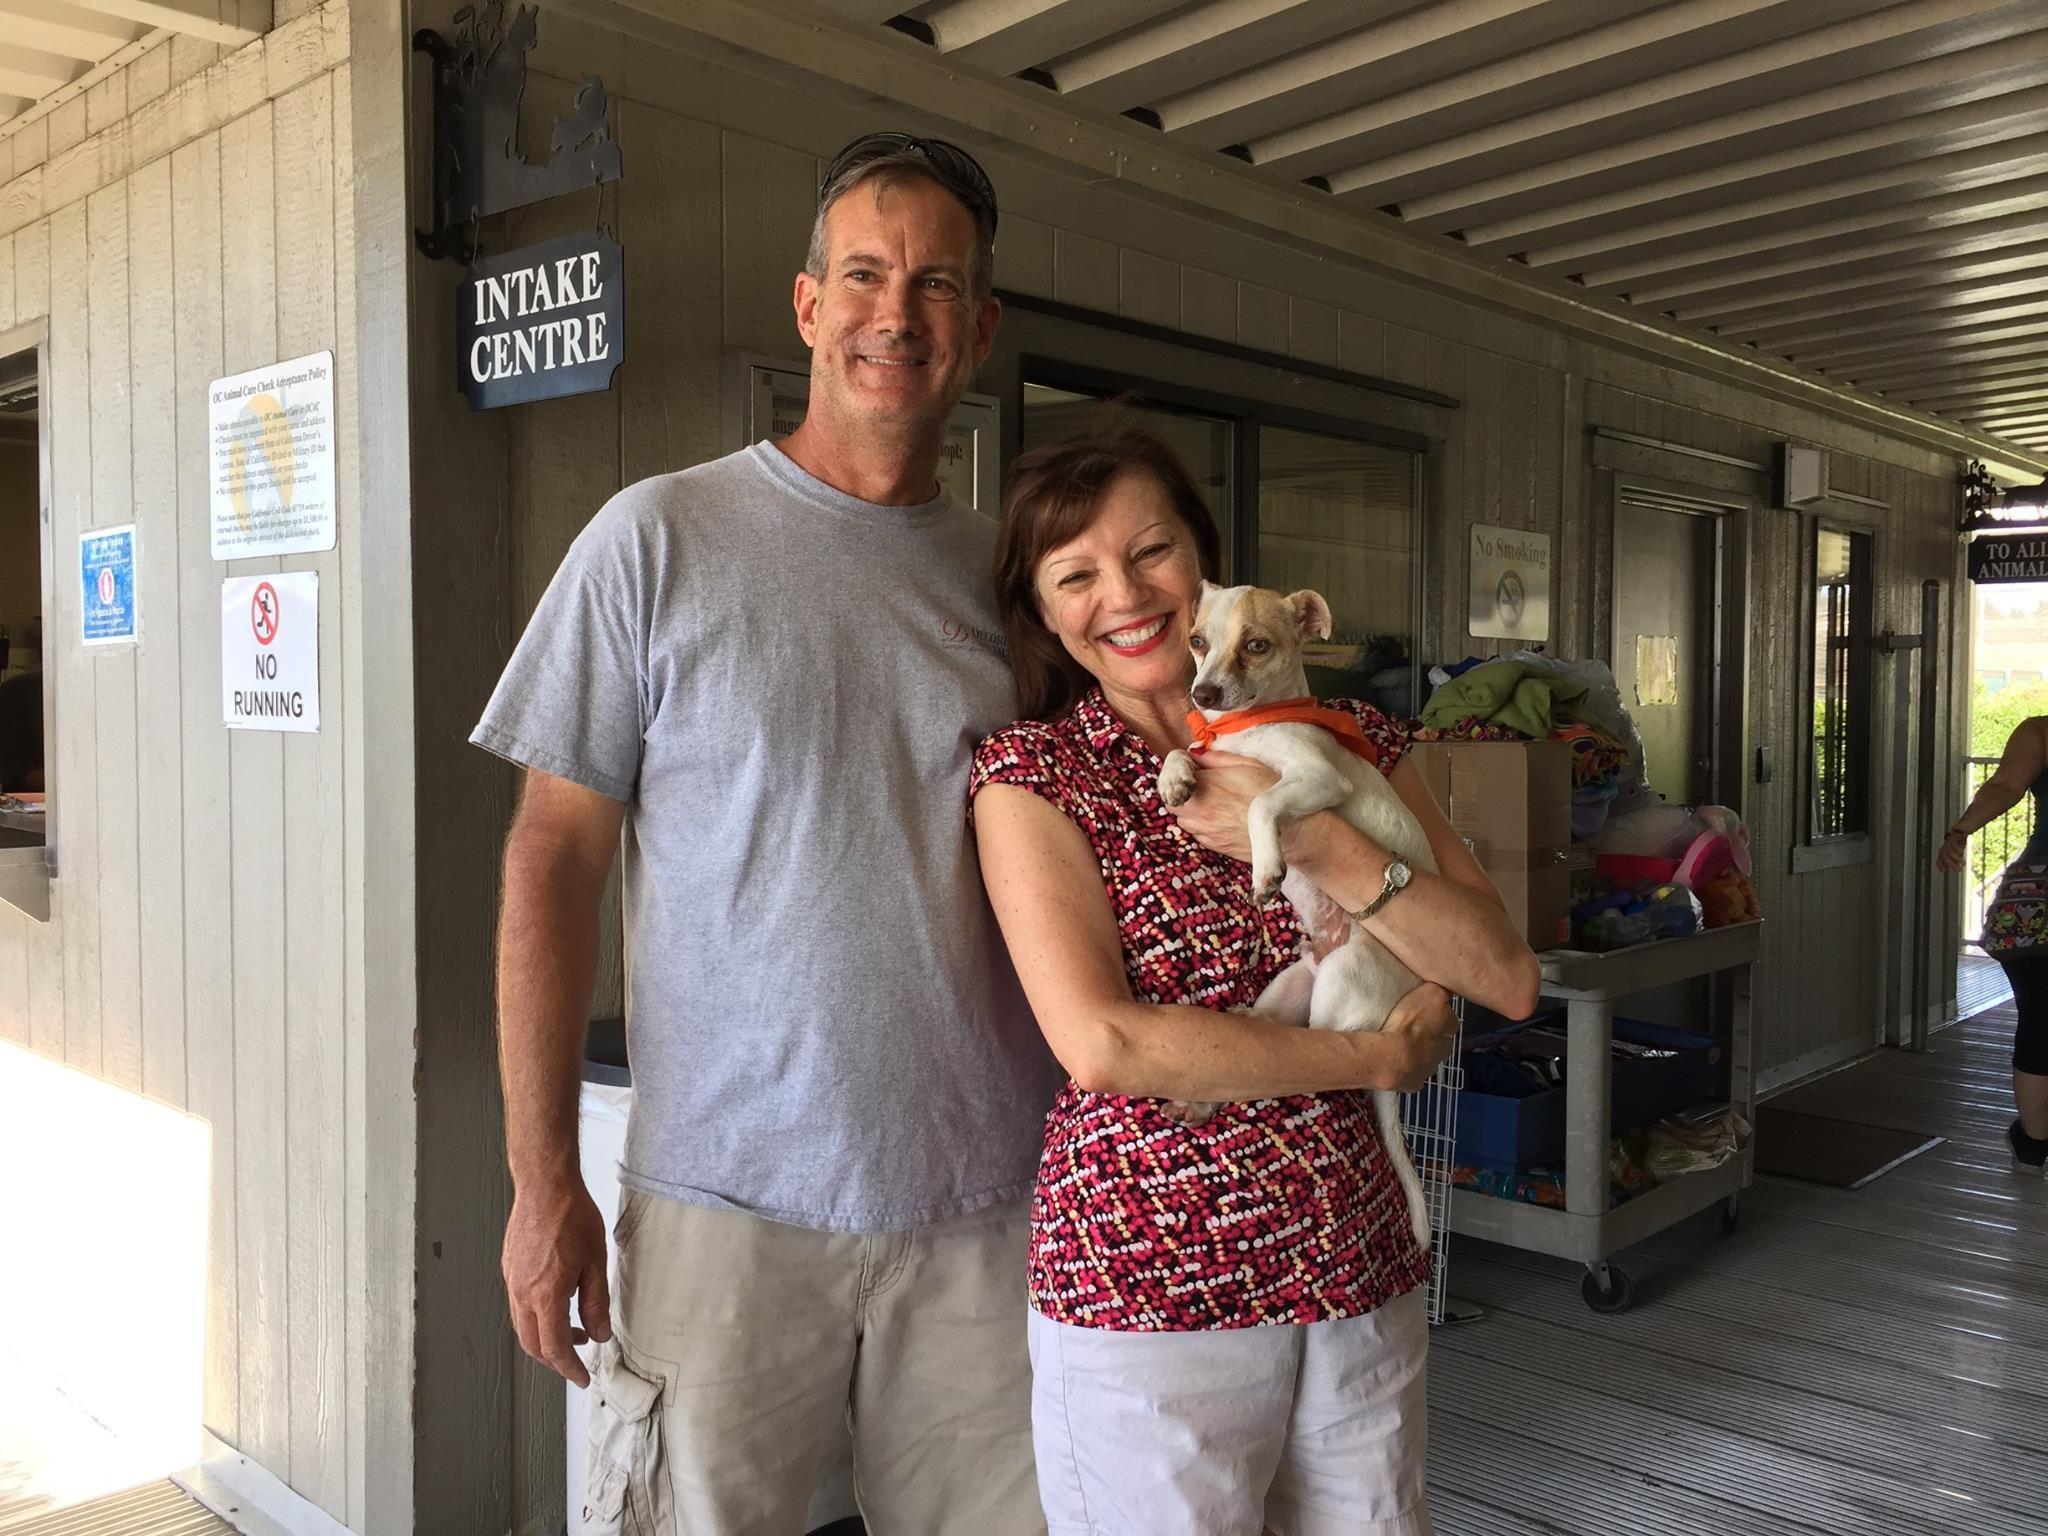 Cachorro viciado em heroína é adotado após reabilitação